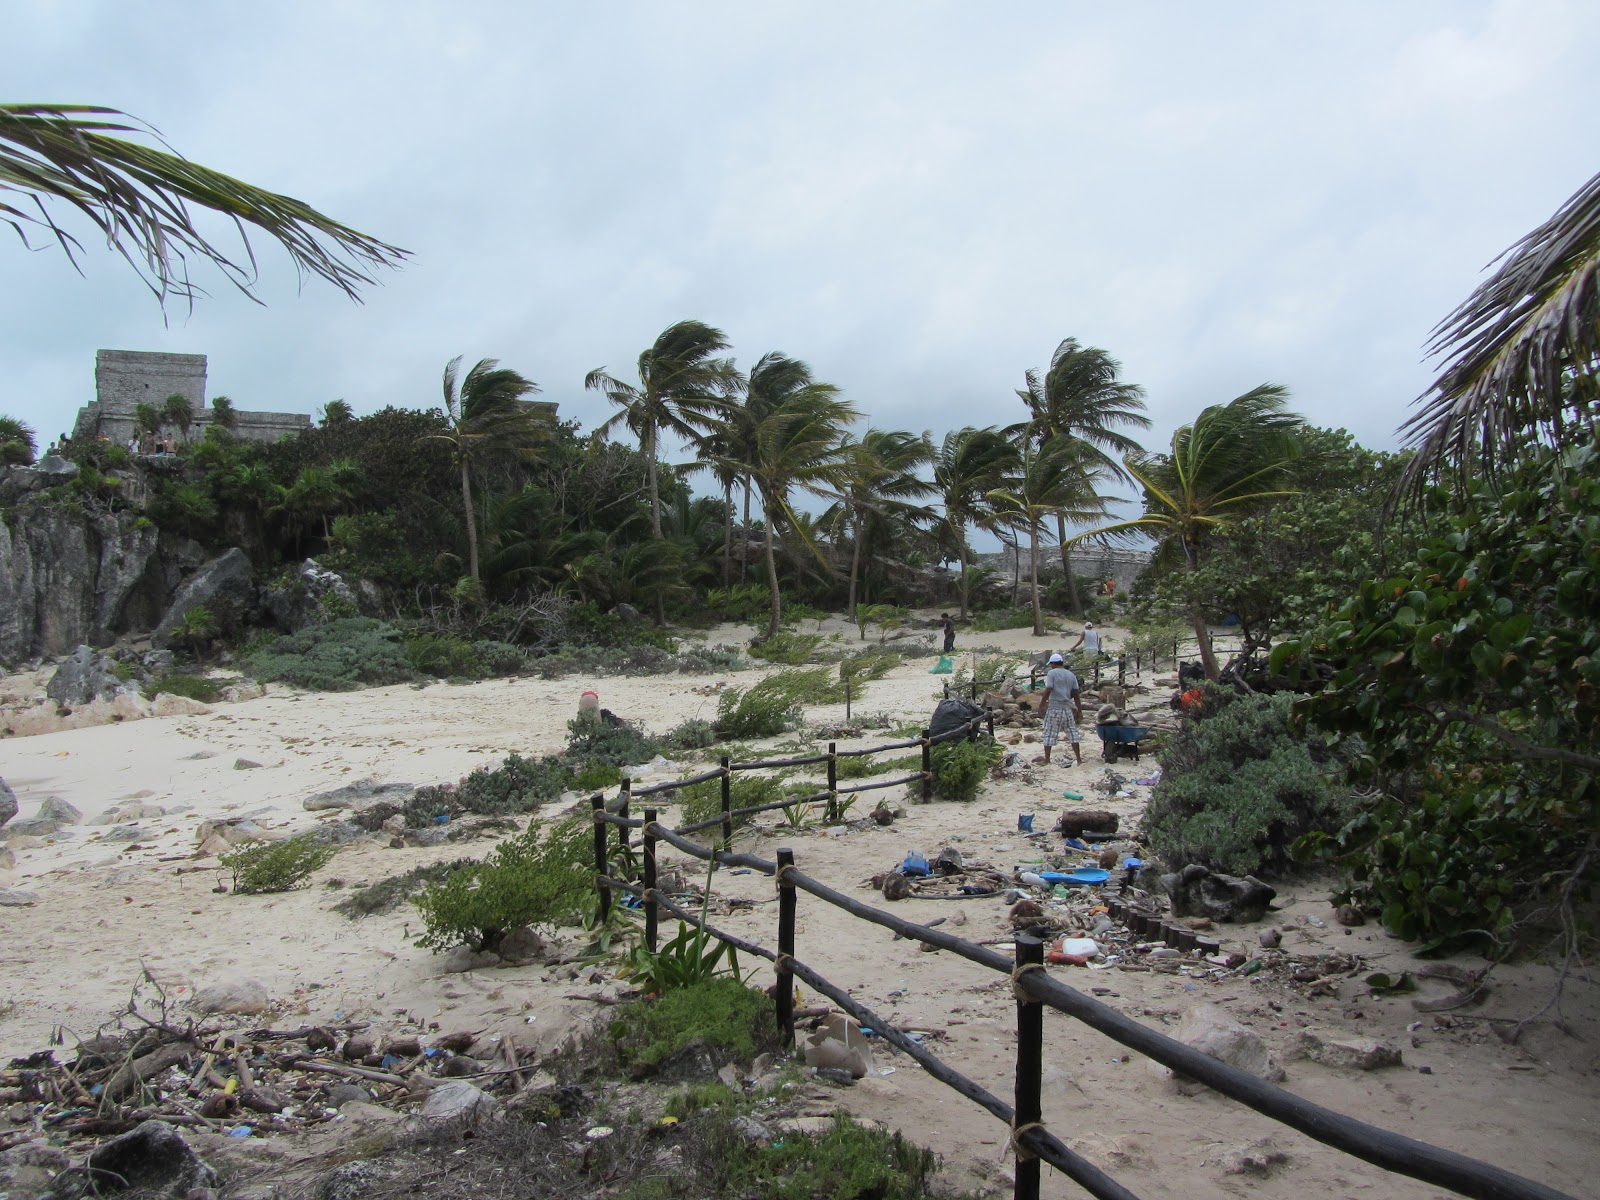 Explorar TULUM, no rasto do furacão Ernesto (uma aventura nos trópicos) | México